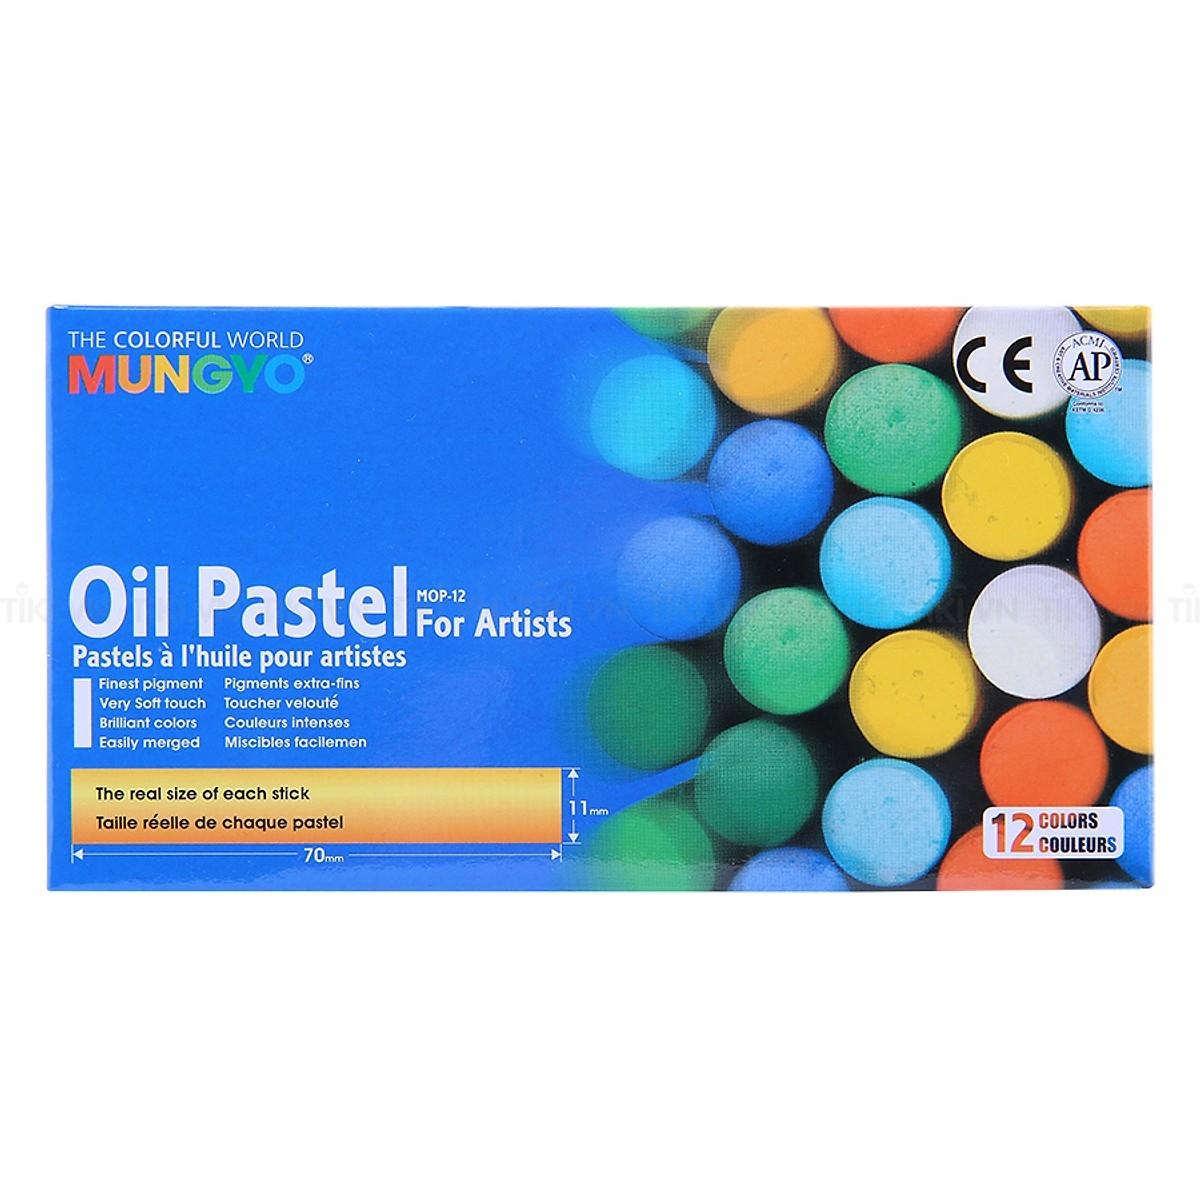 Bút sáp dầu Mungyo 12 màu MOP-12 - 18651195 , 2091312127101 , 62_23412402 , 49000 , But-sap-dau-Mungyo-12-mau-MOP-12-62_23412402 , tiki.vn , Bút sáp dầu Mungyo 12 màu MOP-12